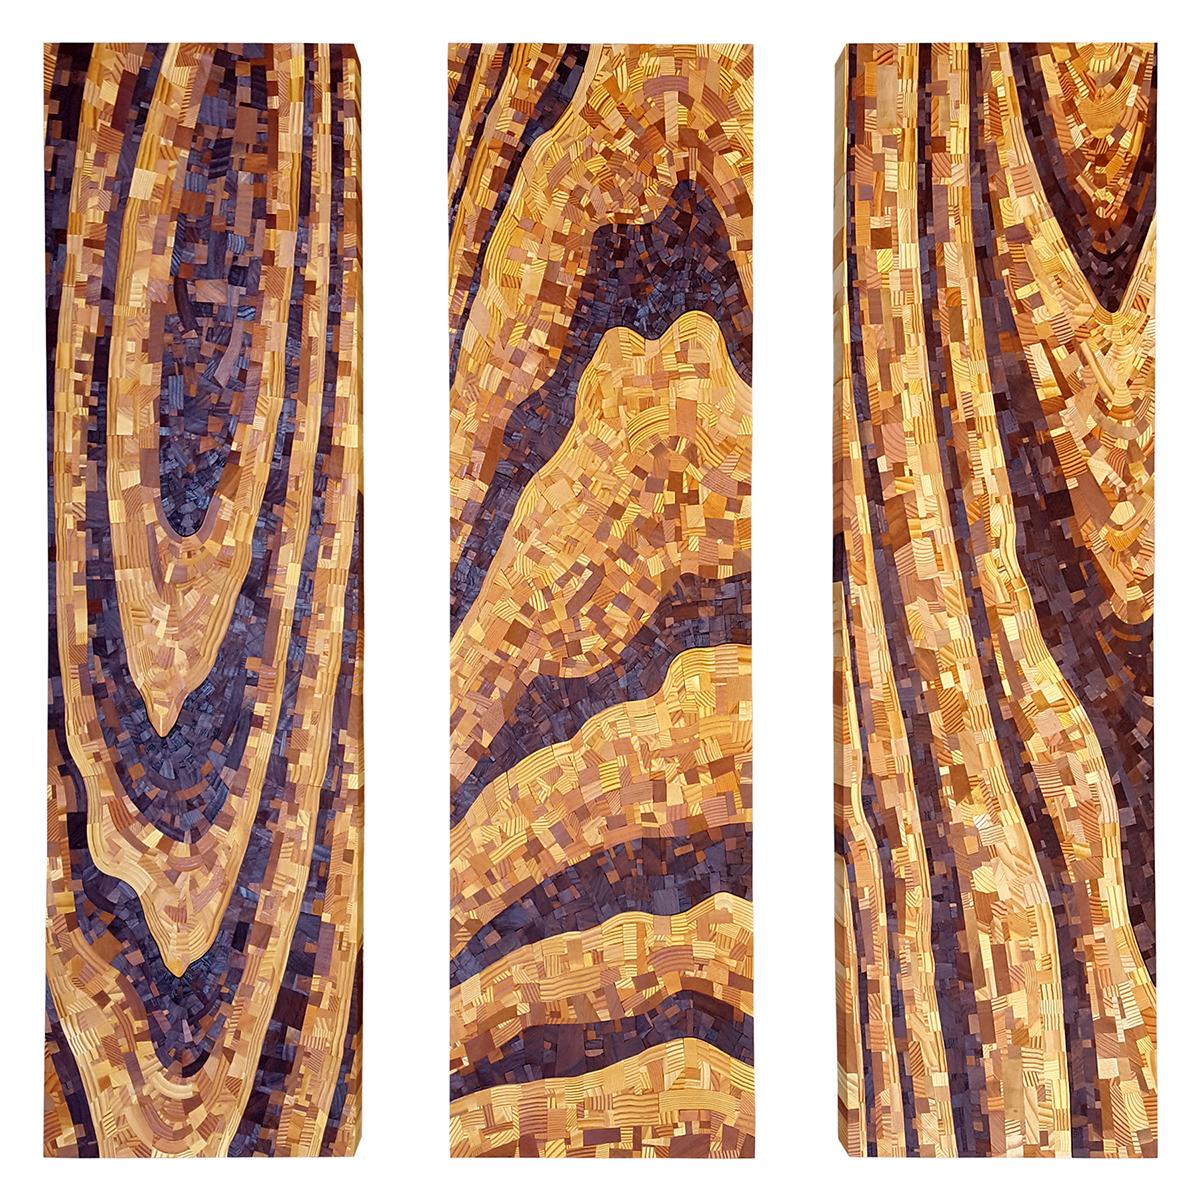 Oak Floor Study  by Chris DeKnikker. Collected wood (walnut, wedge, cherry, fir), 3 @ 36in x 10in x 2in